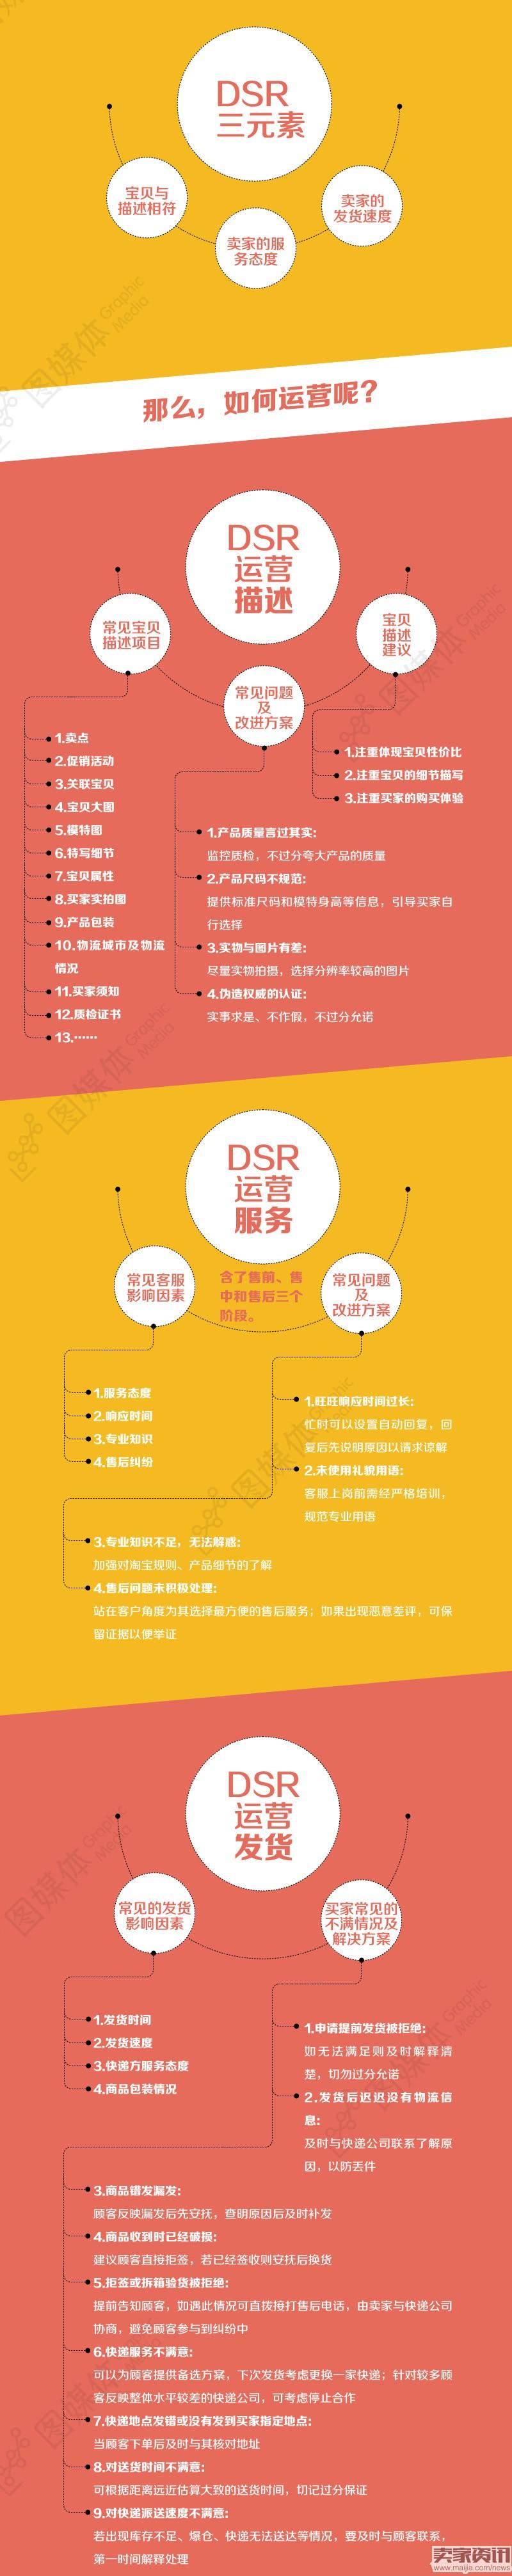 店铺DSR运营三元素